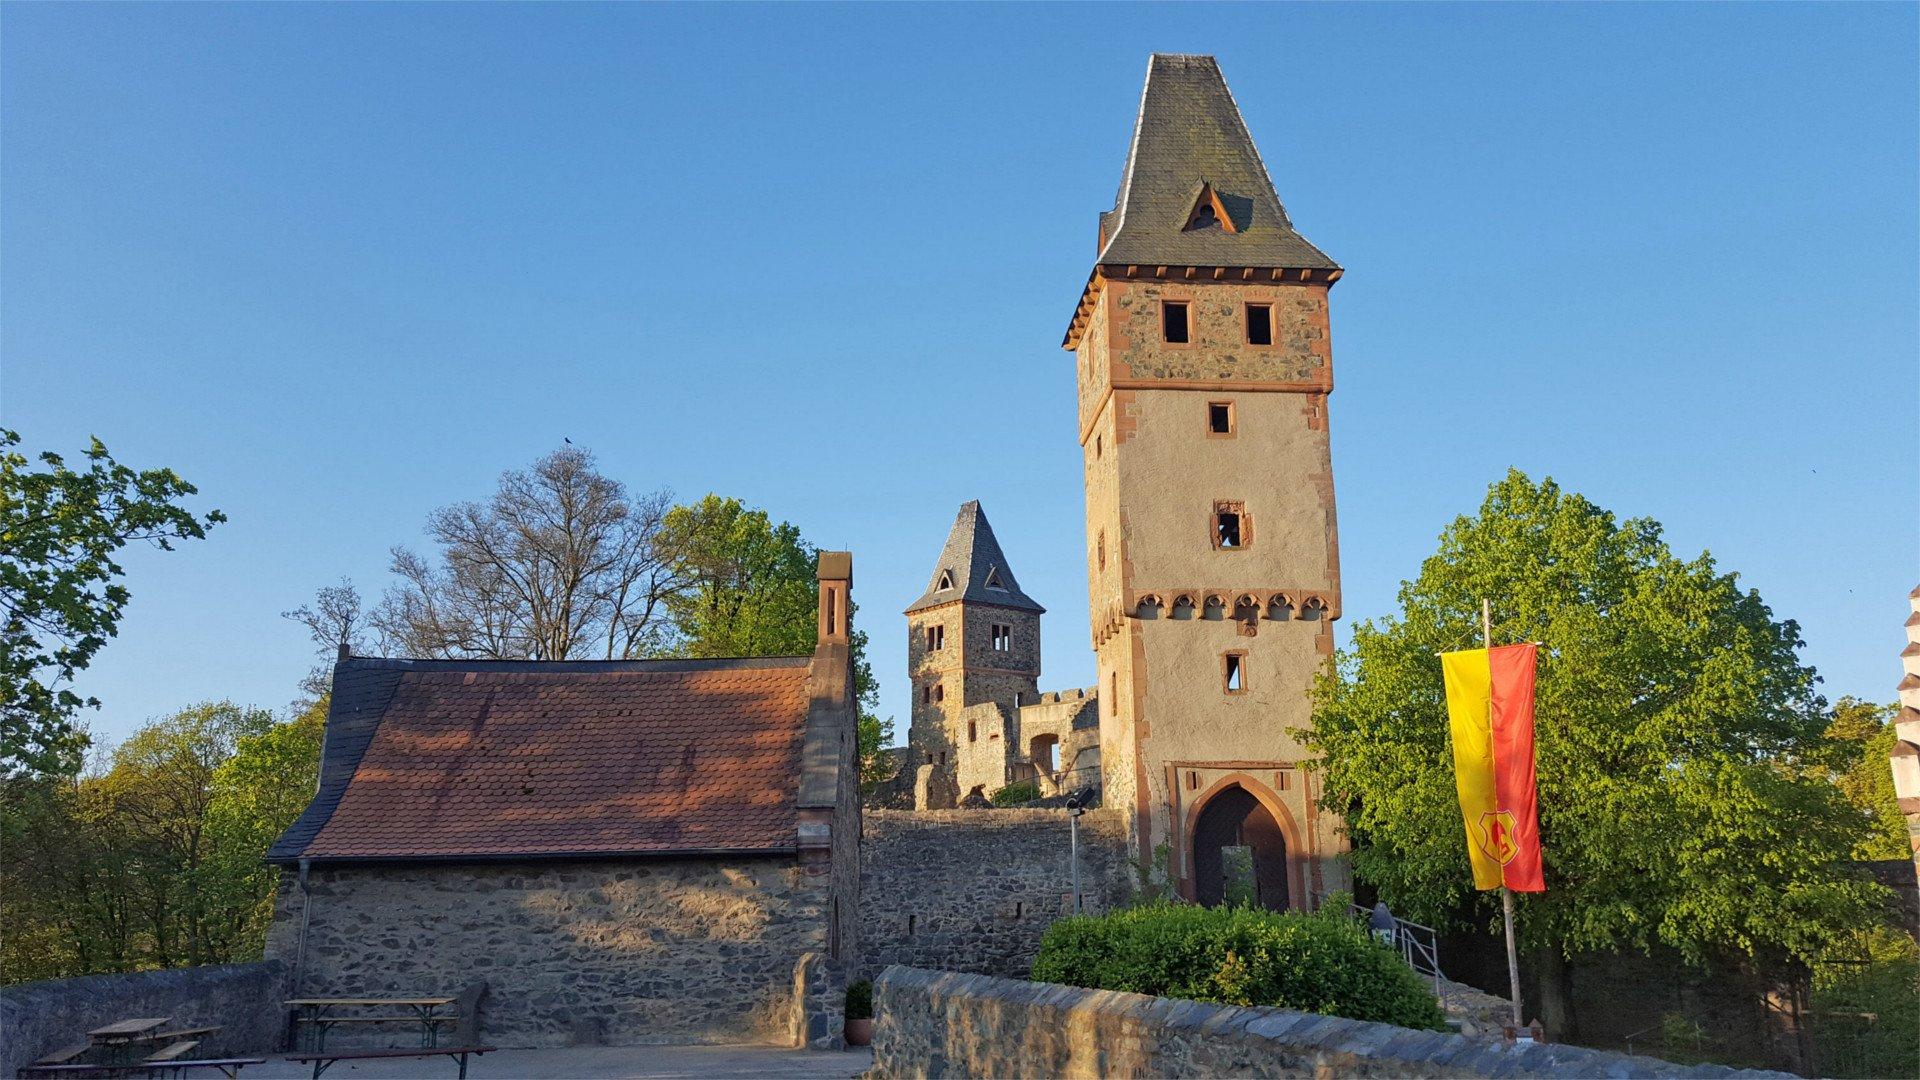 Burg Frankenstein - Home